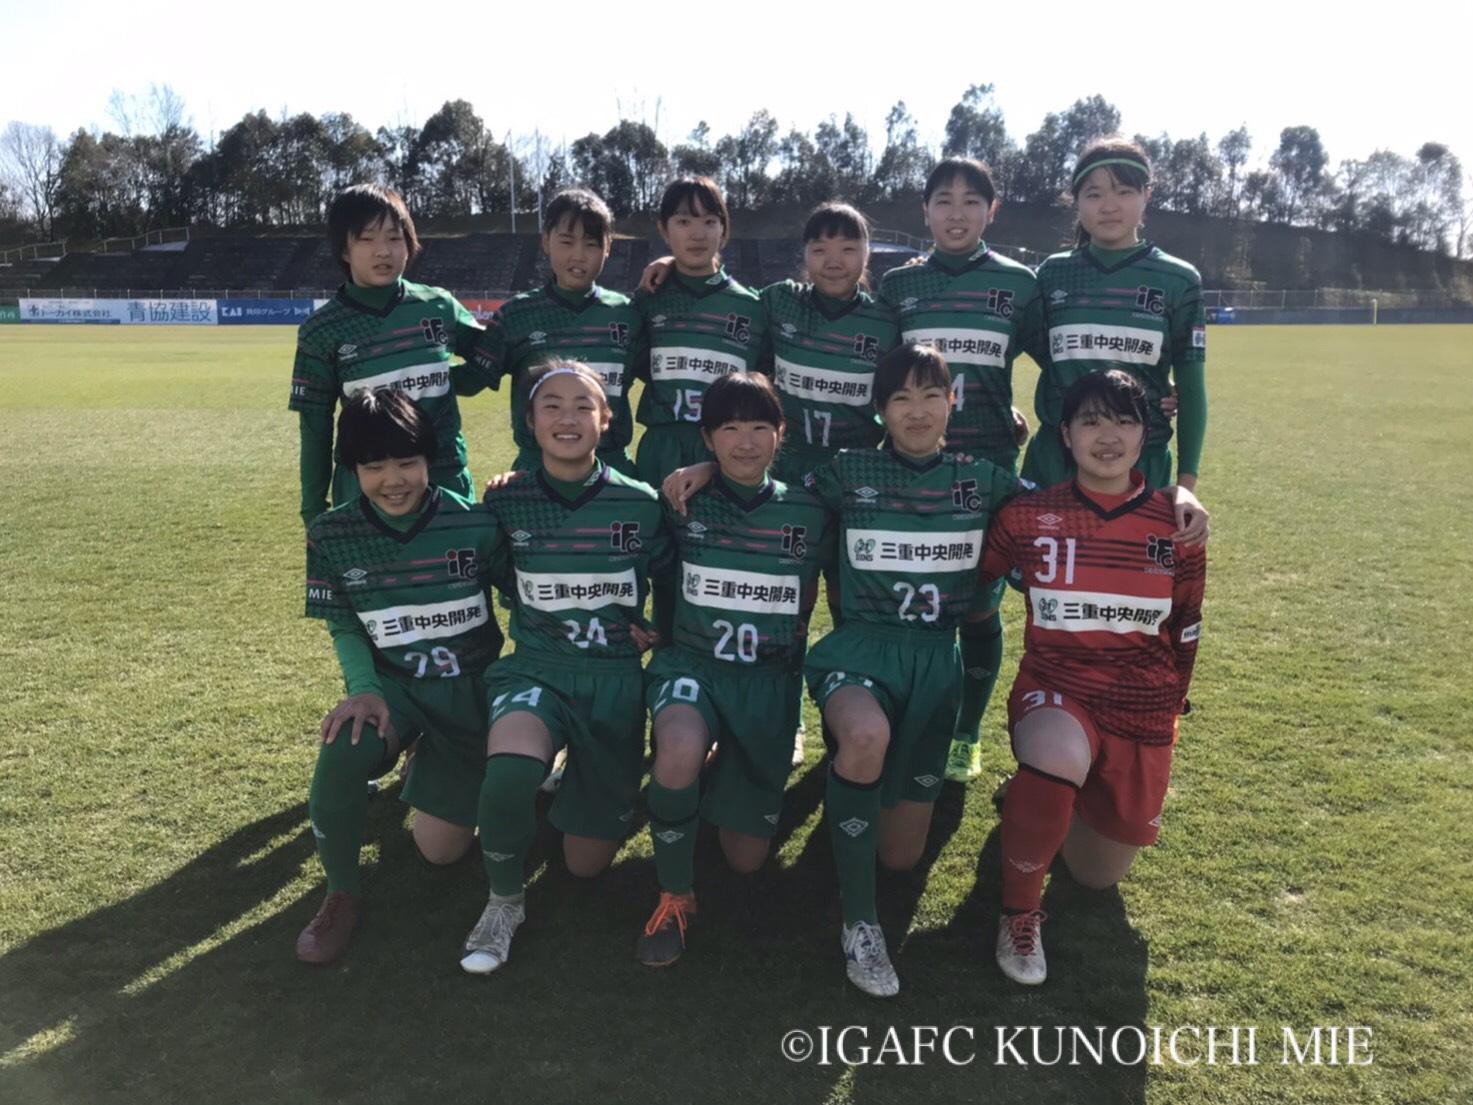 【伊賀FCくノ一三重サテライト】東海女子U15リーグチャレンジ戦 試合結果